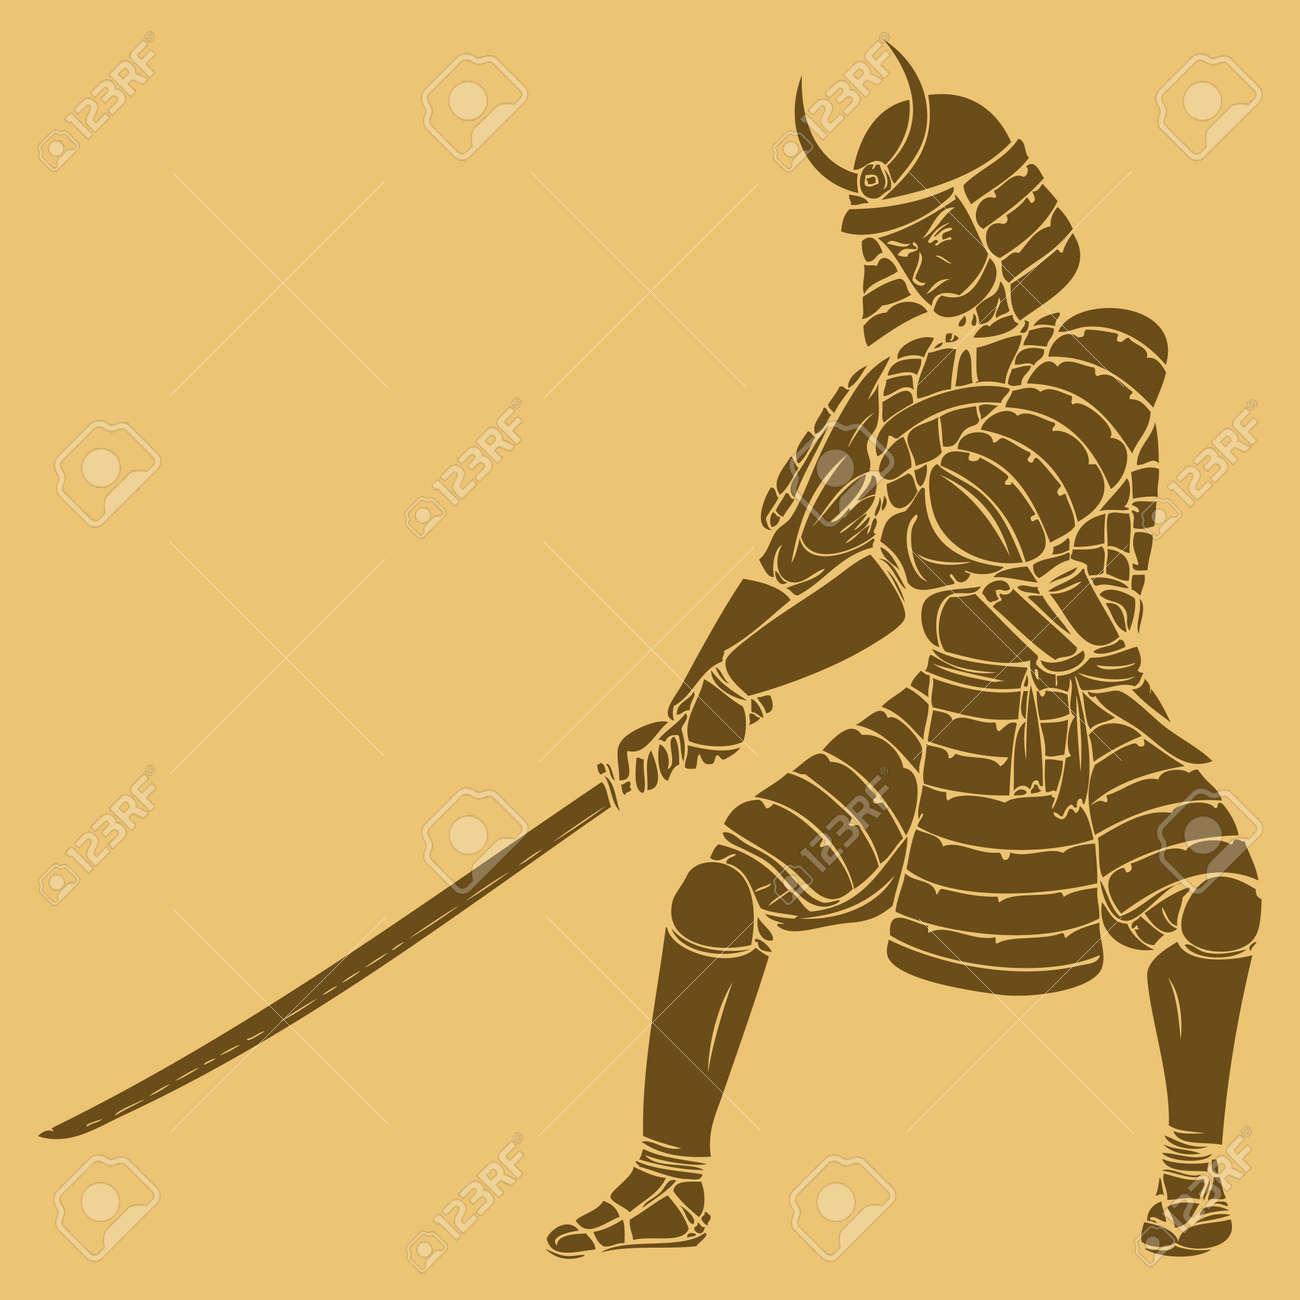 彫刻が施されたスタイルのイラストの武士のイラスト素材 ベクタ